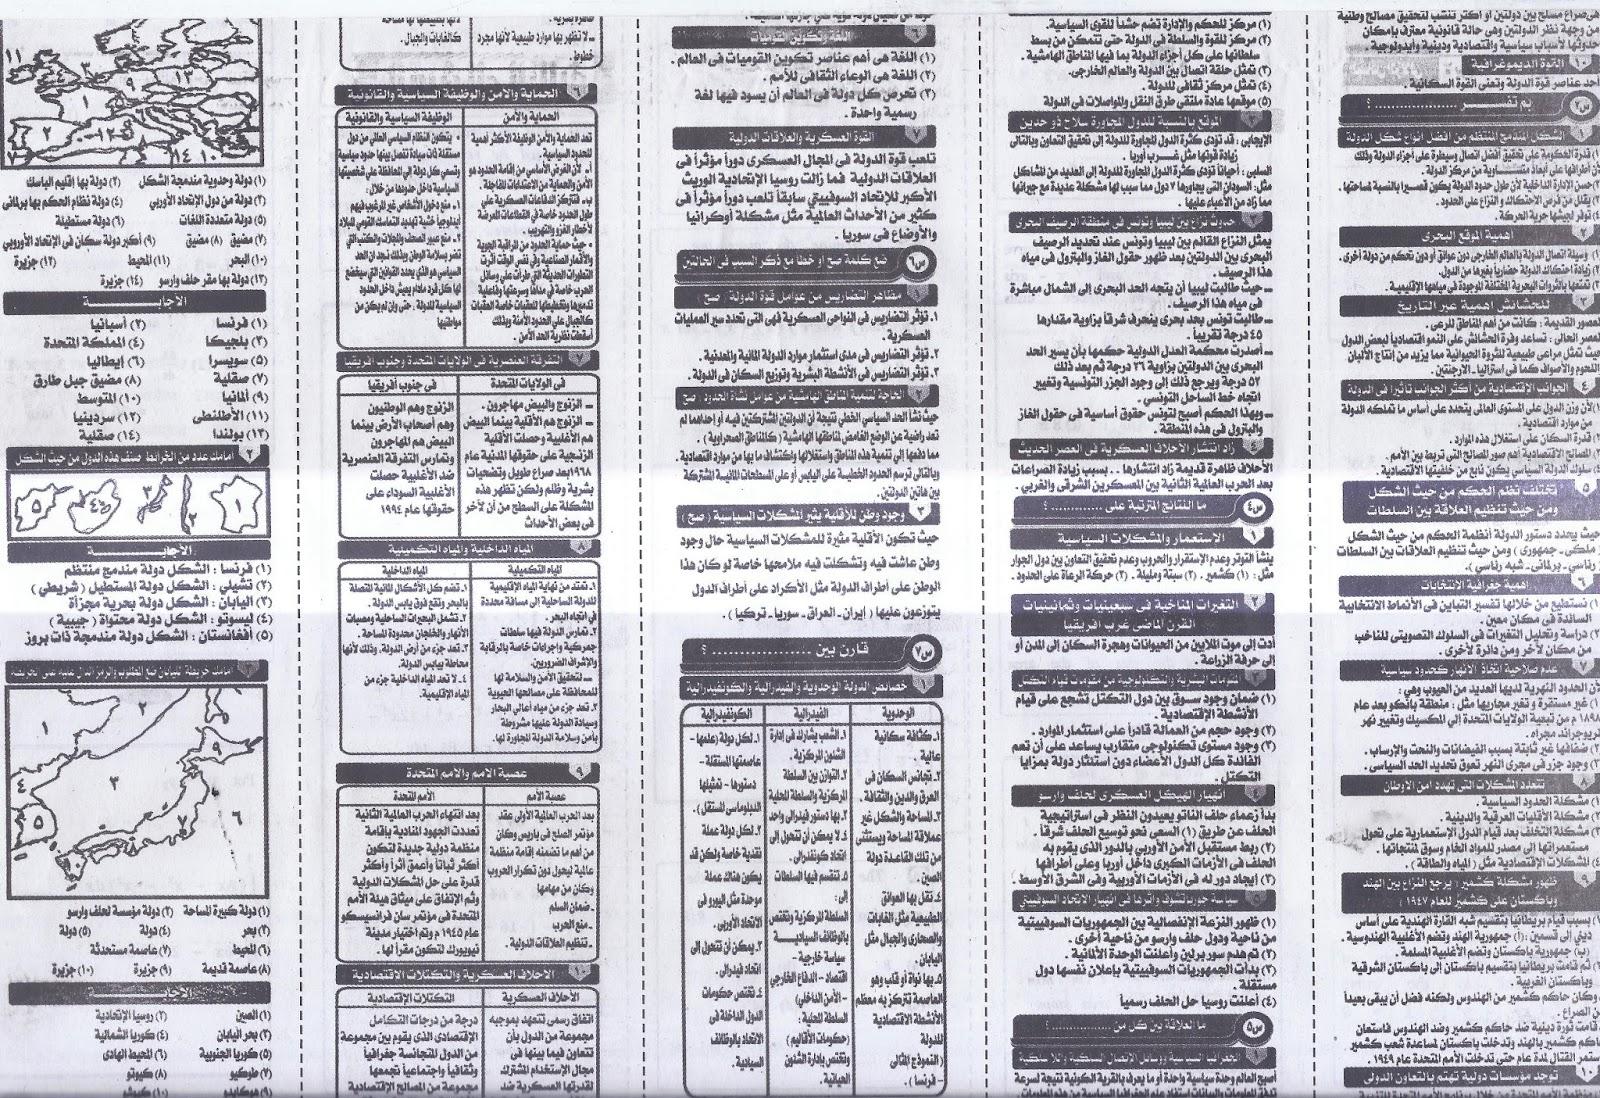 آخر مراجعة جغرافيا للثانوية العامة - ملحق الجمهورية 14/6/2017 9